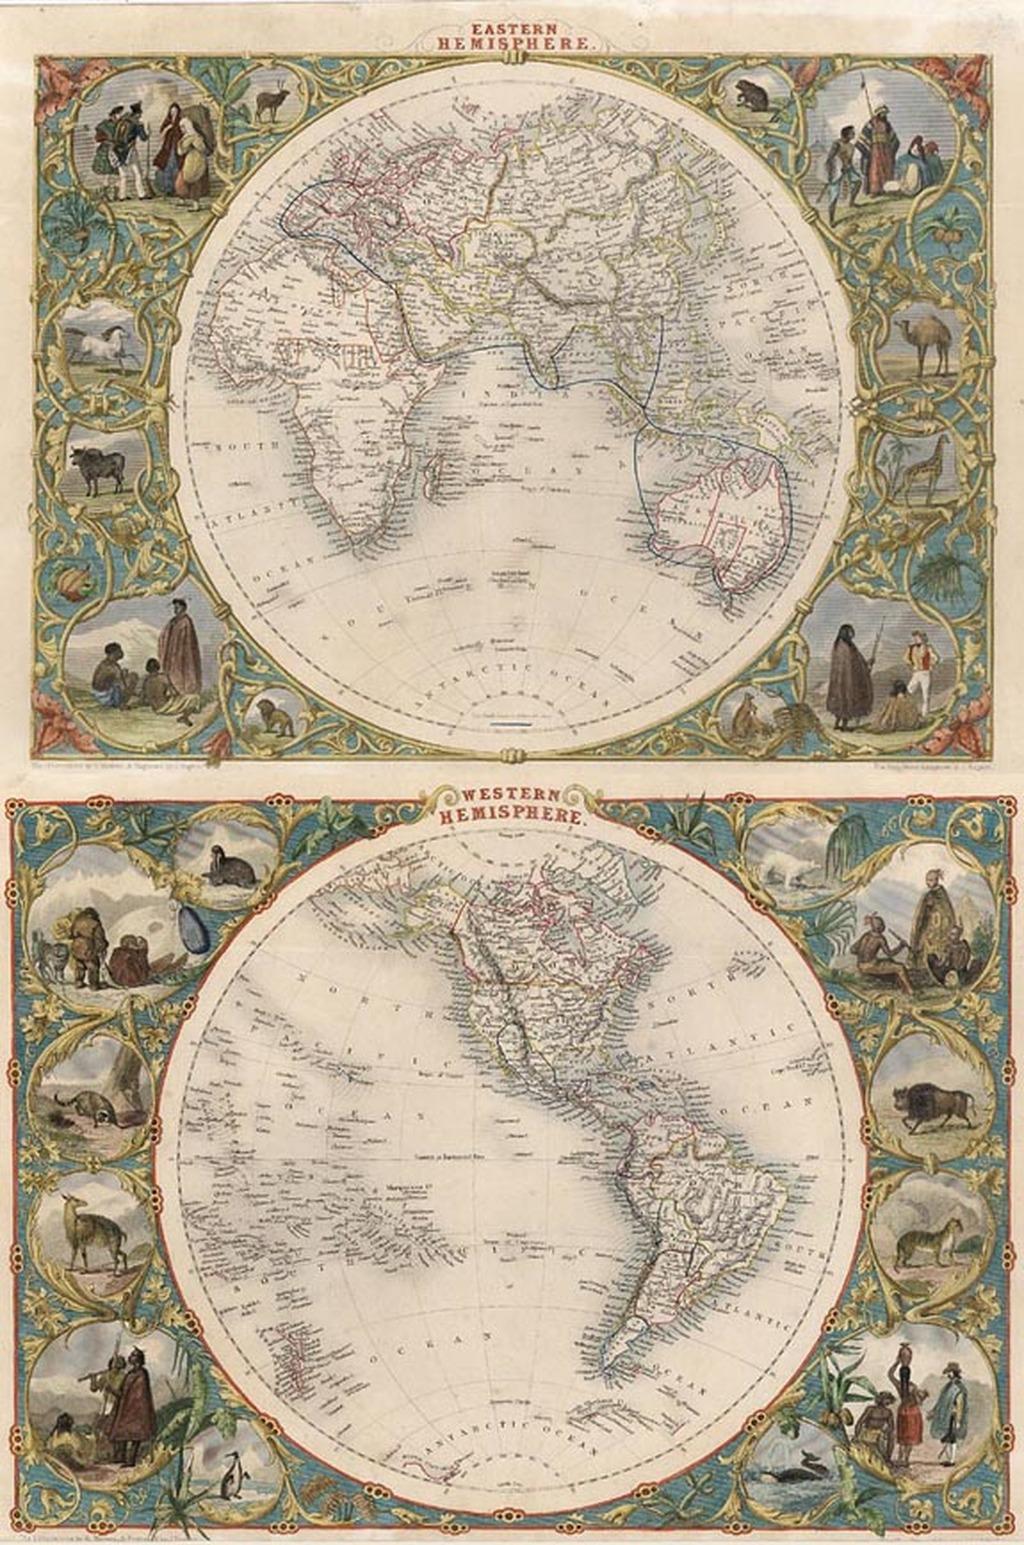 Eastern Hemisphere And Western Hemisphere